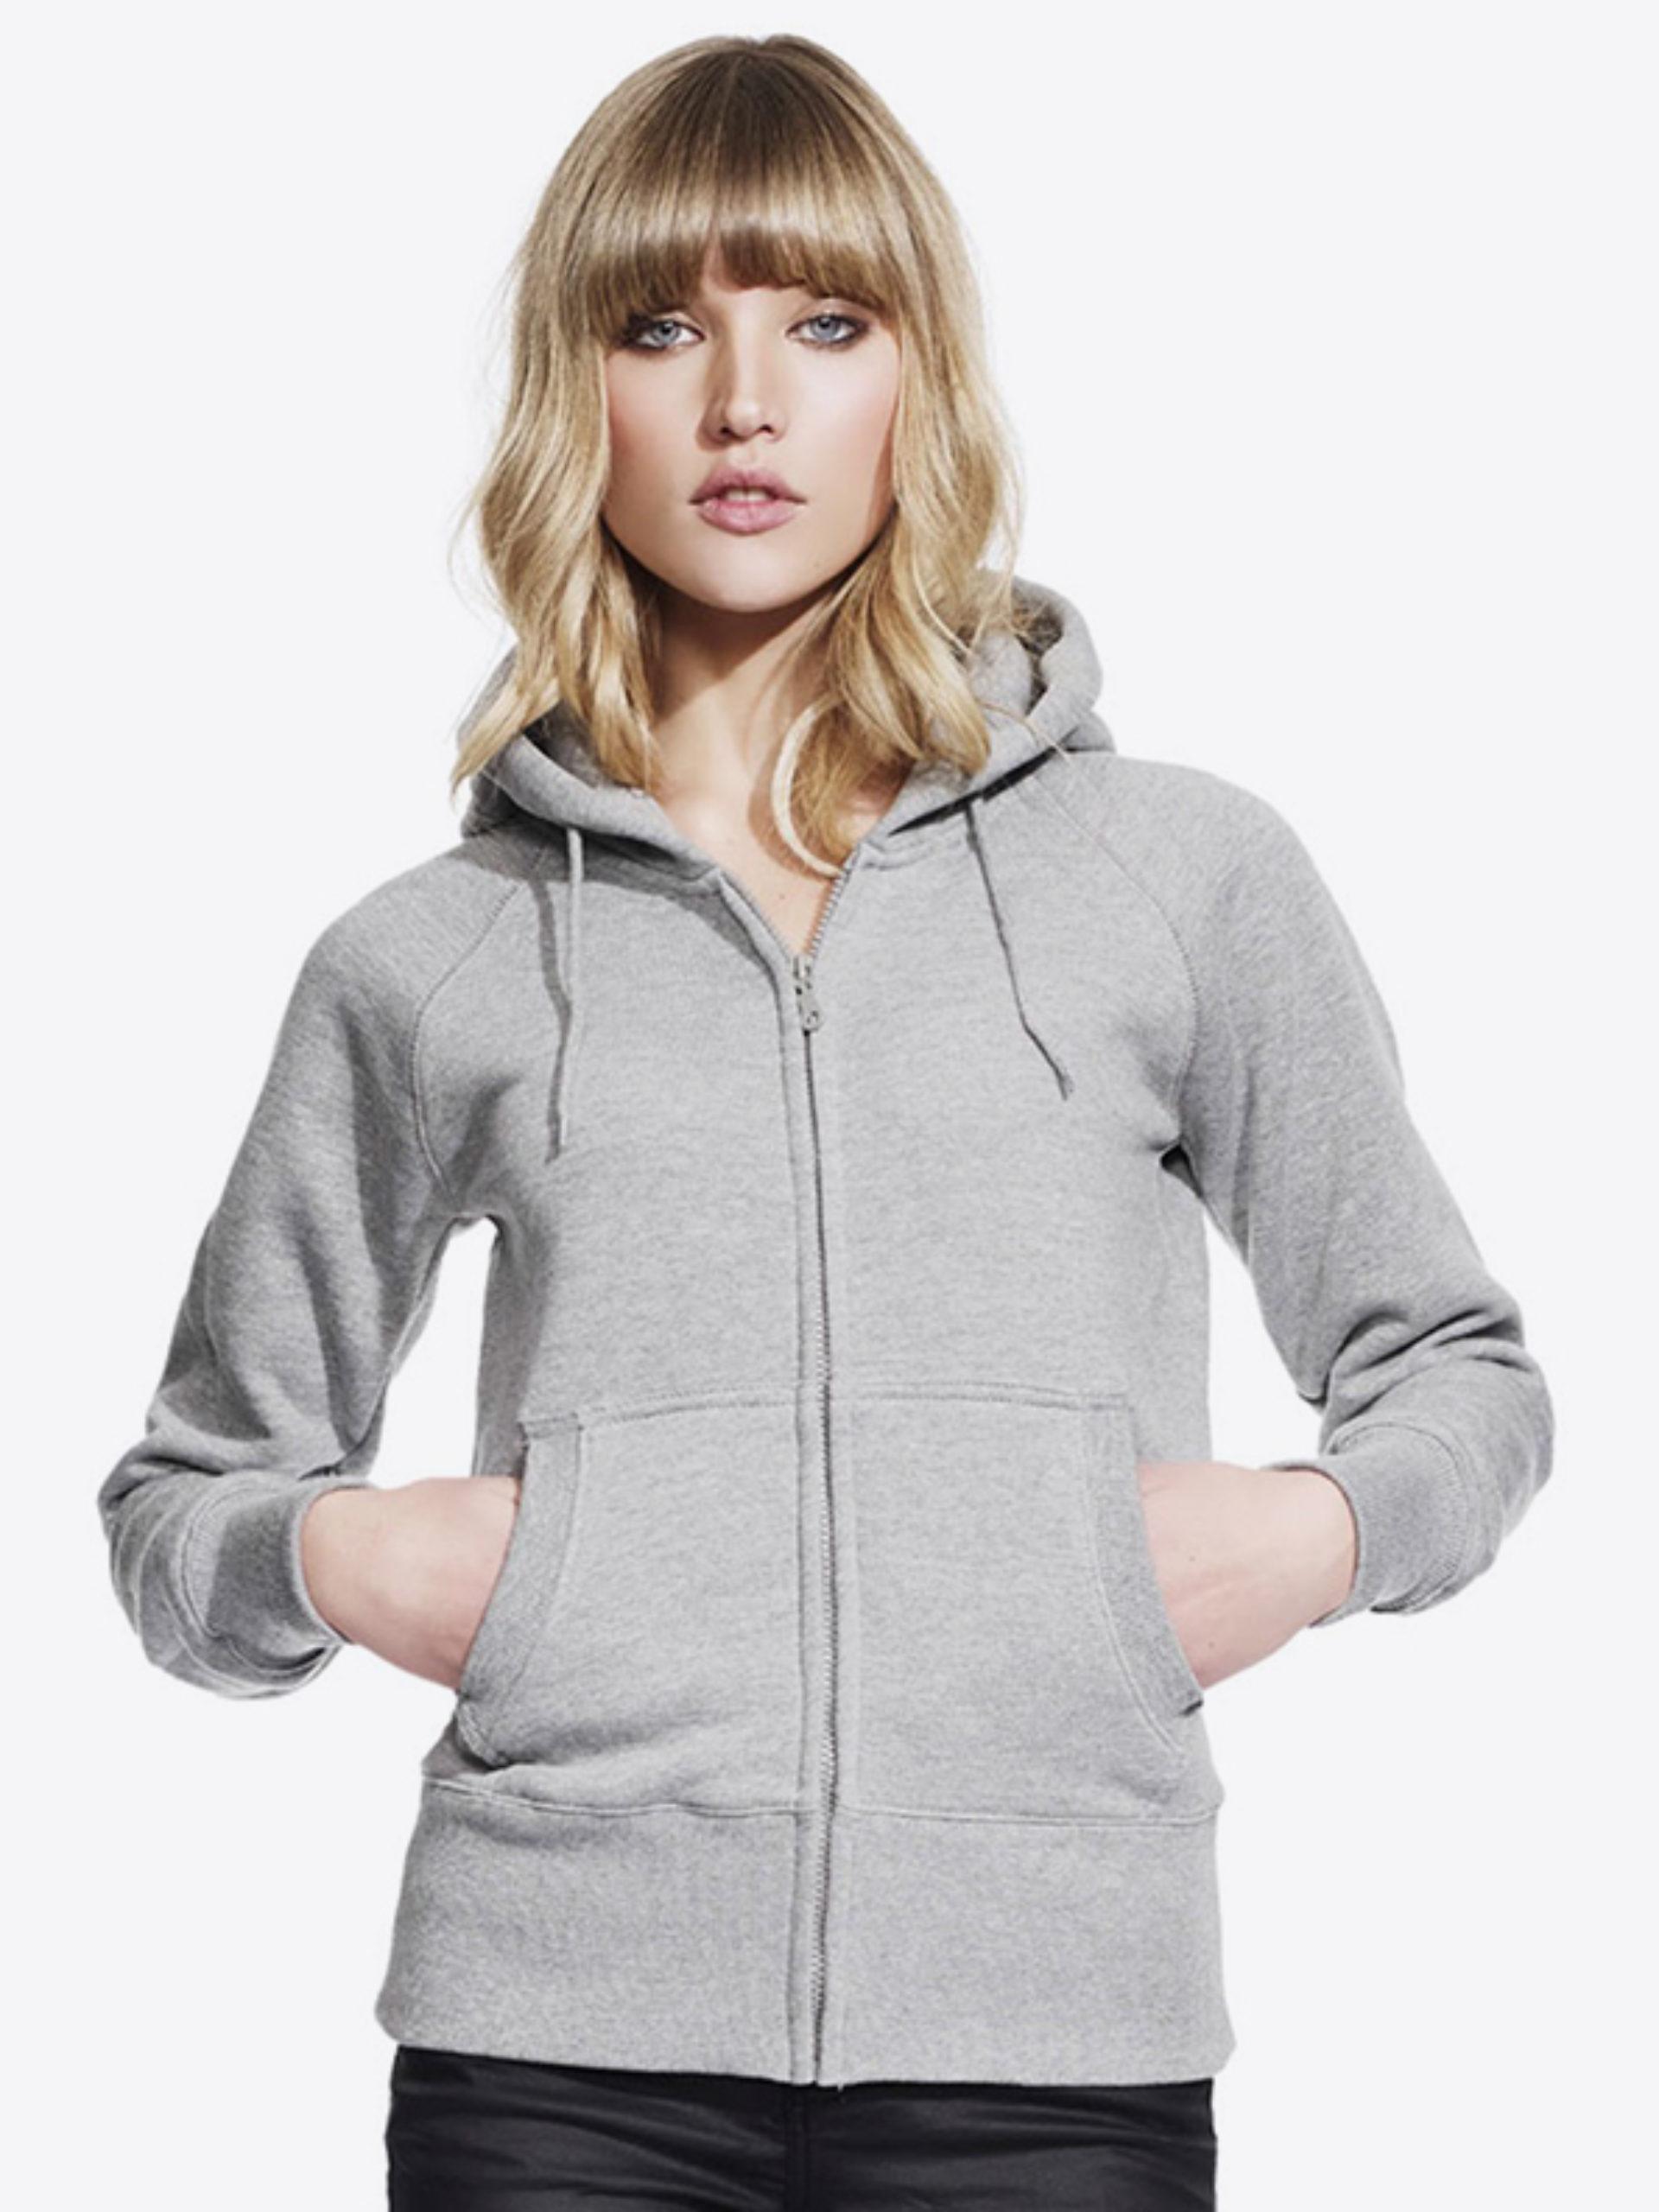 Damen Sweatshirt Continental N53z Modell